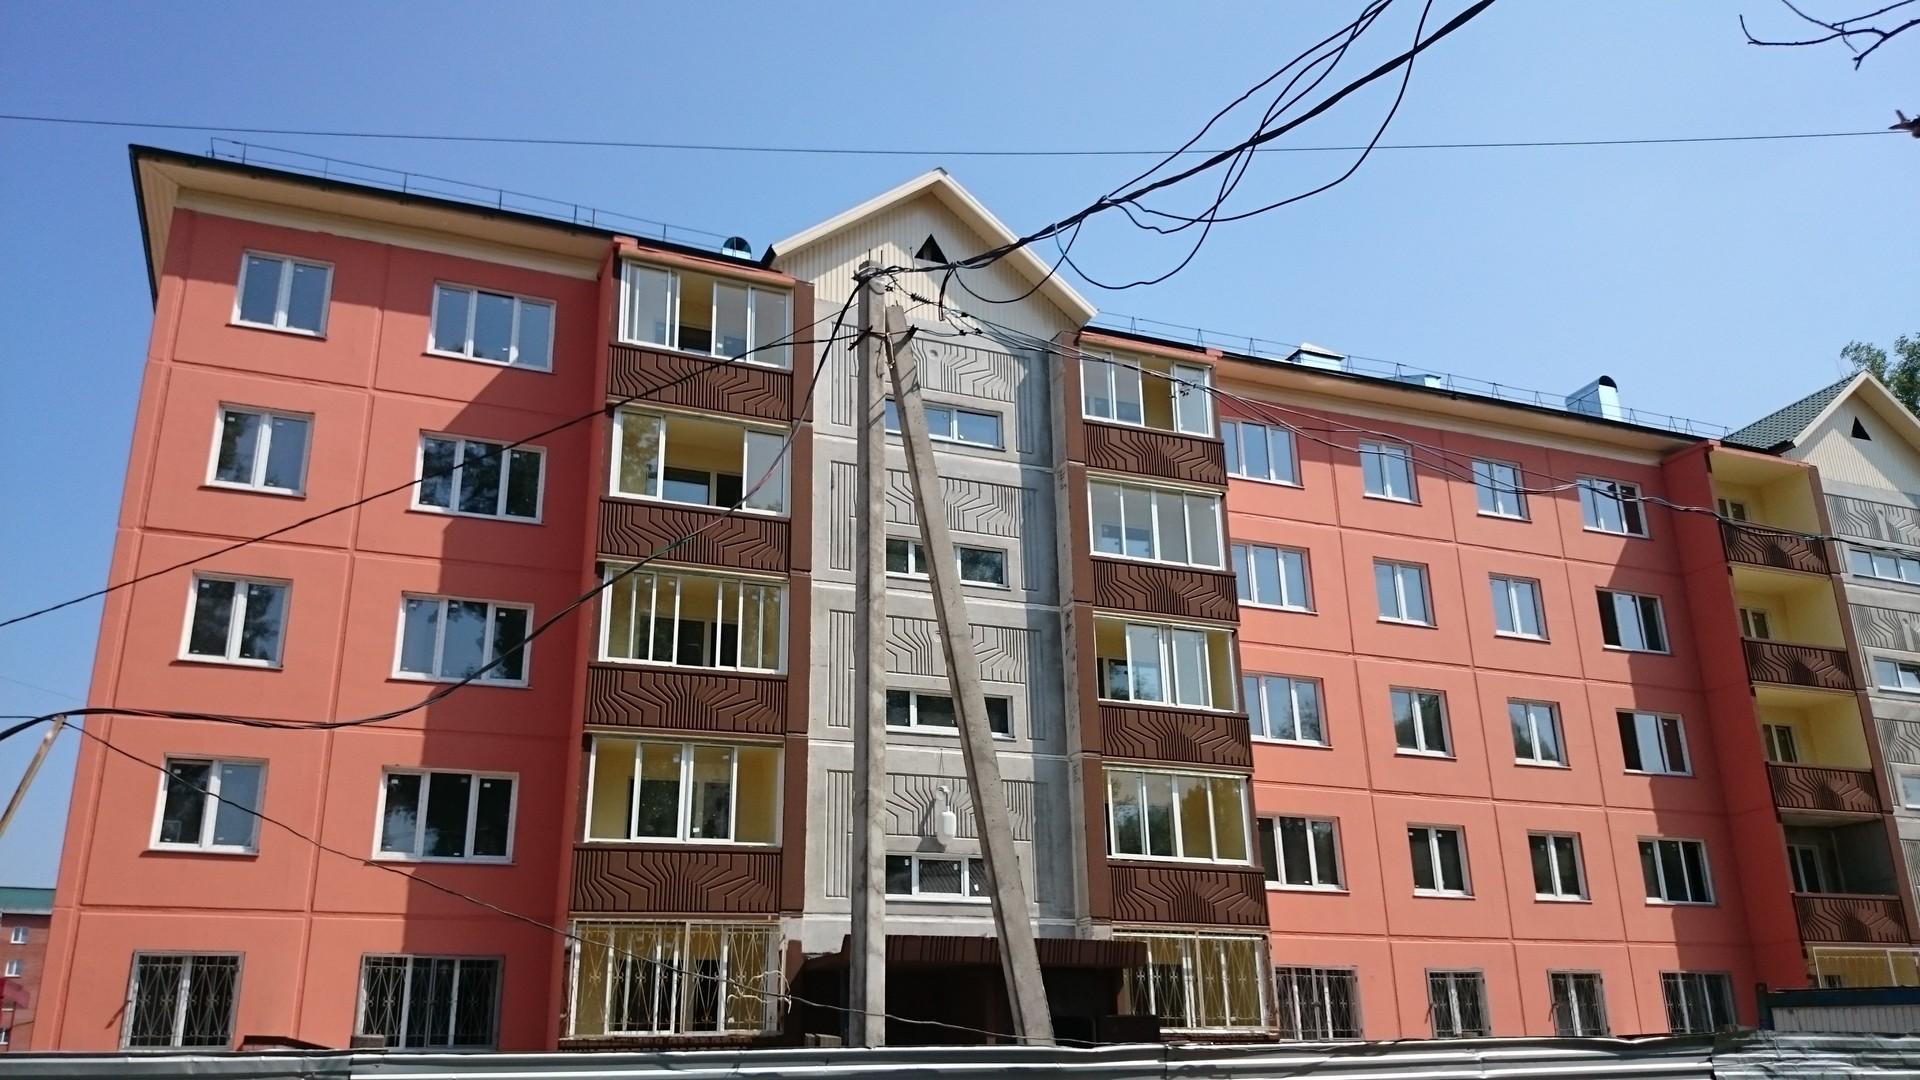 Пятиэтажный дом рисунок фото